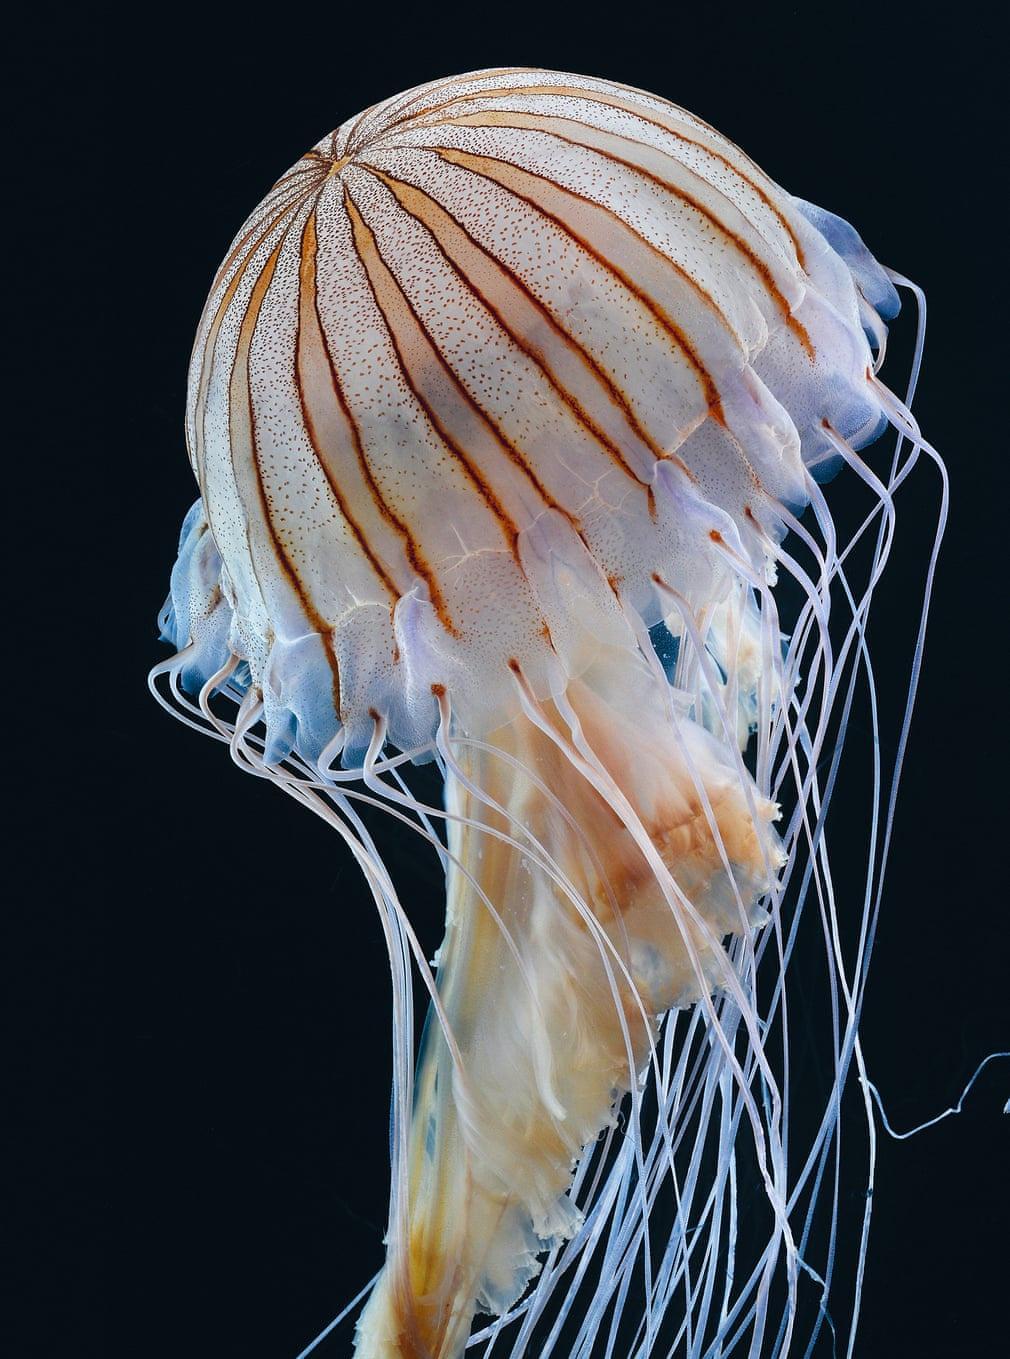 Thế giới loài sứa độc chết người nhưng đẹp siêu thực Ảnh 6